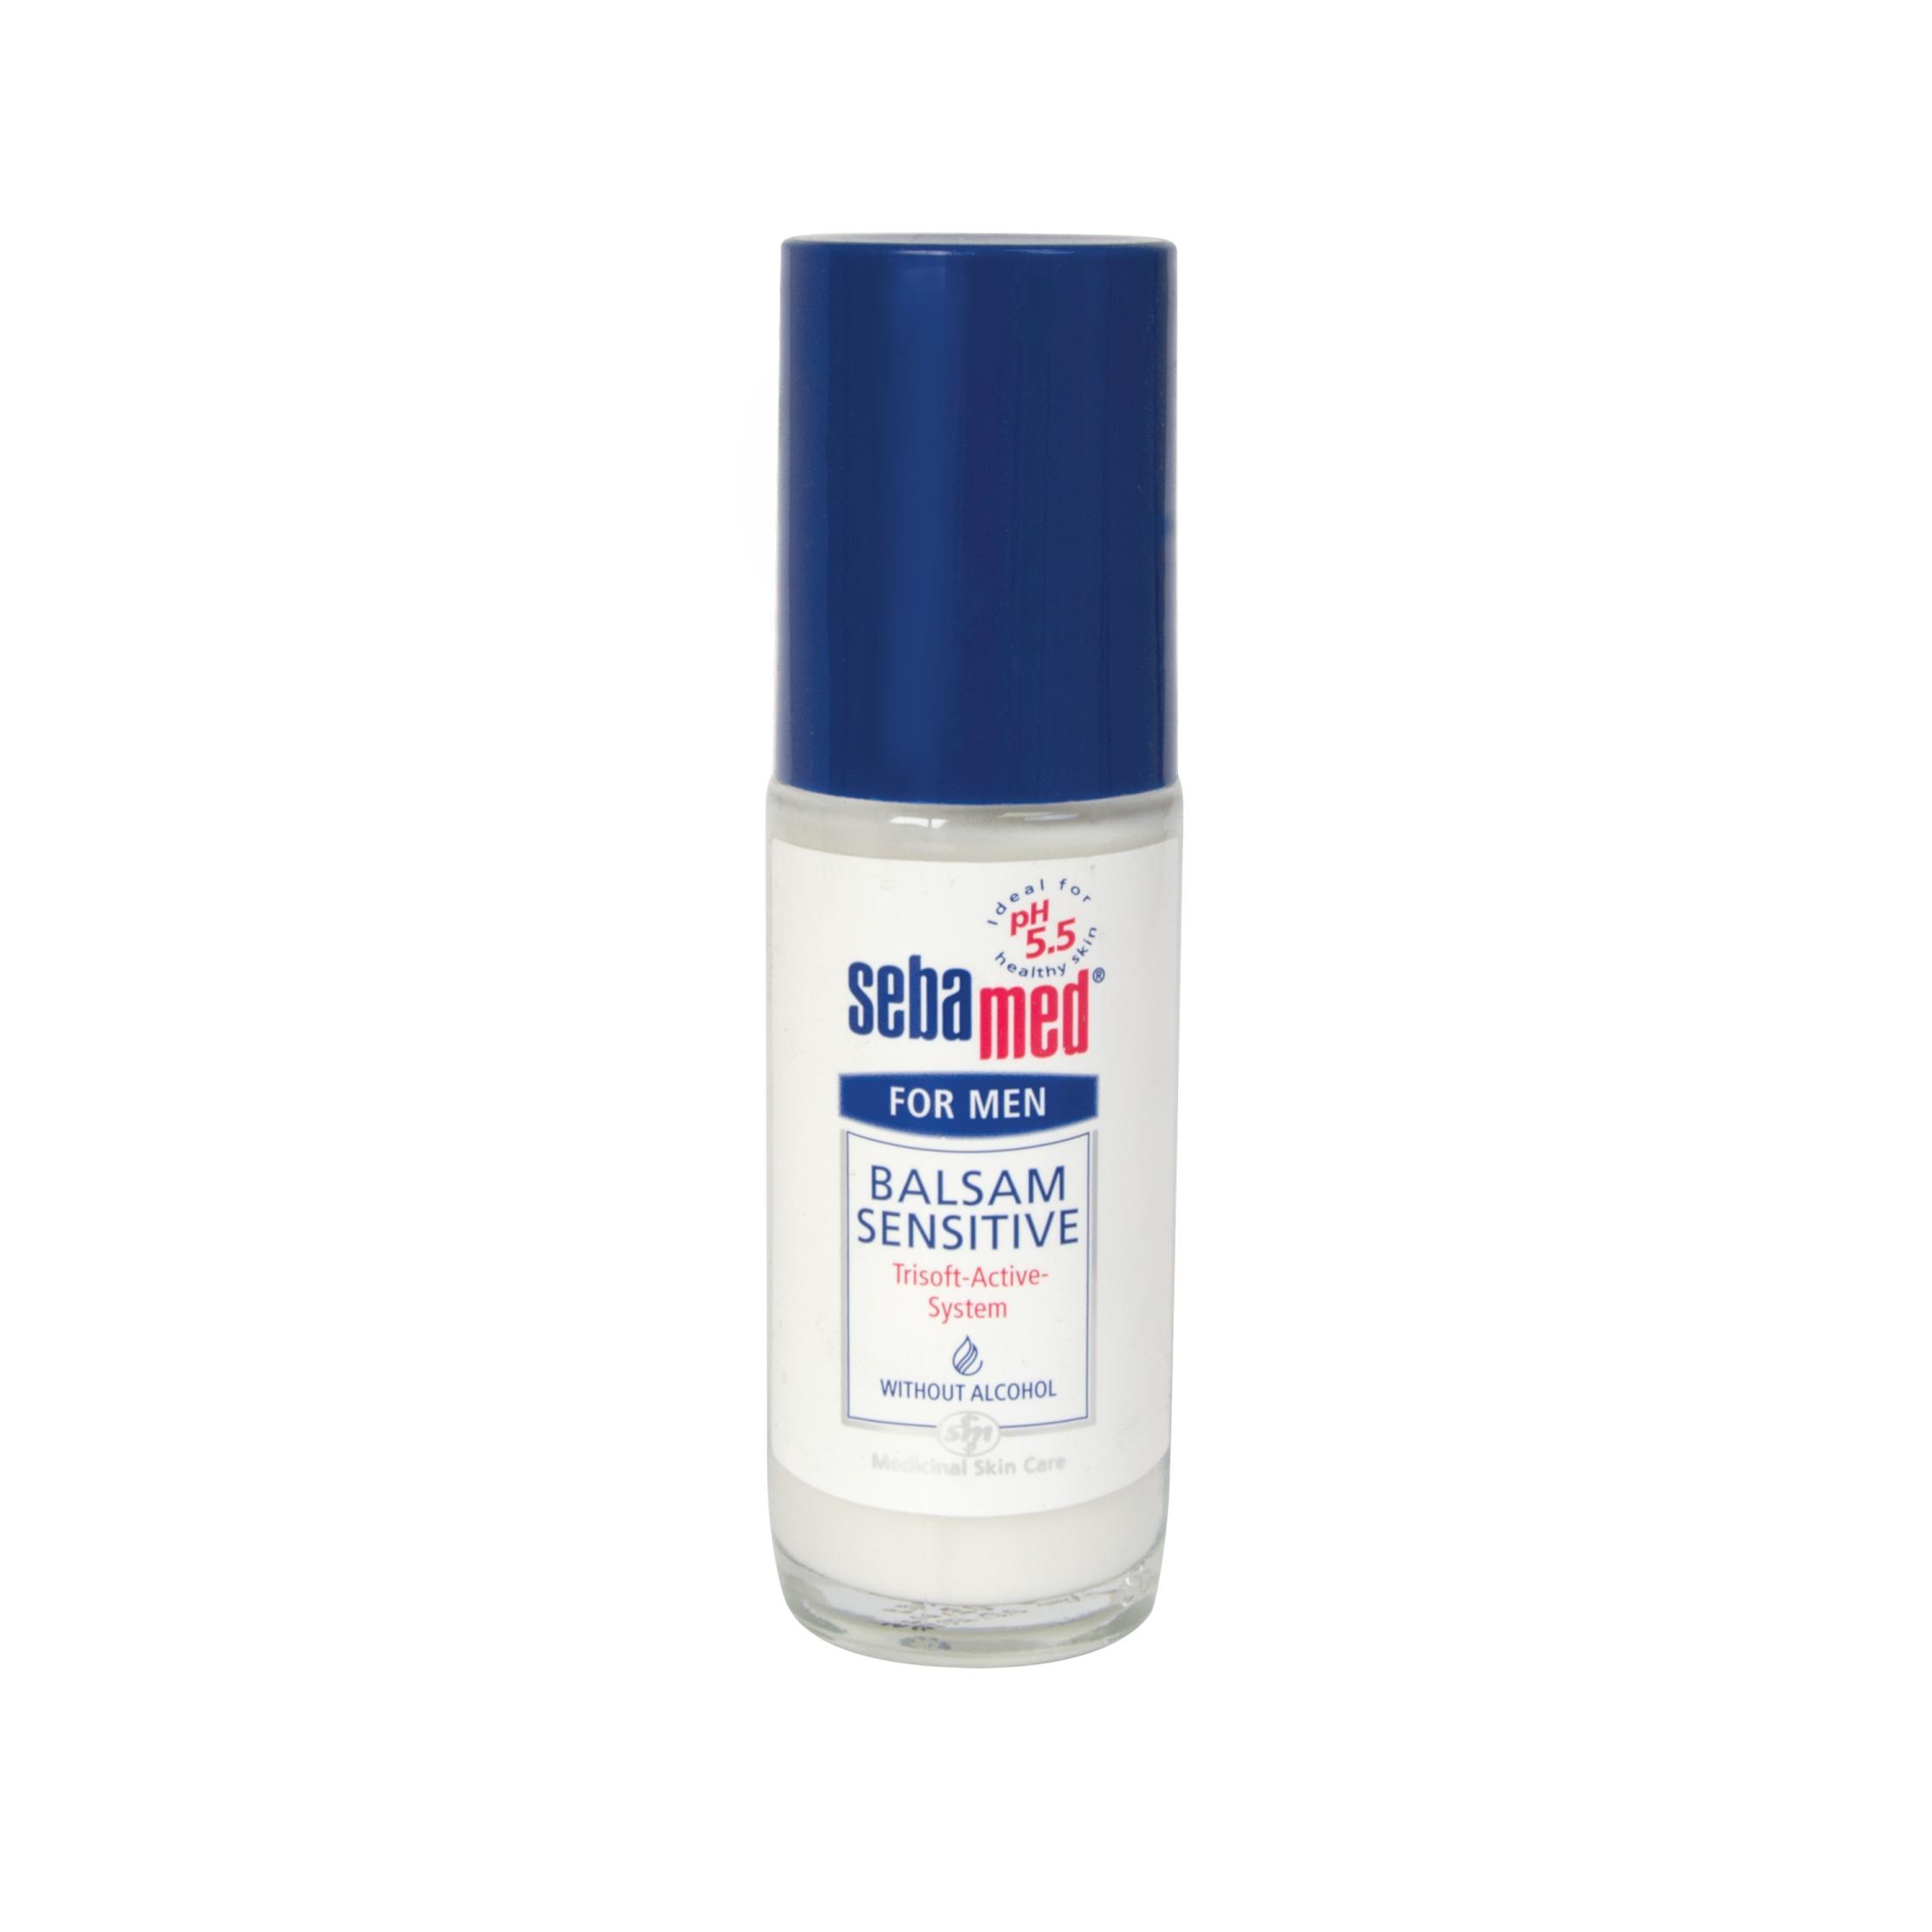 Sebamed Sensitive Deodorant 50ml roll on For Men